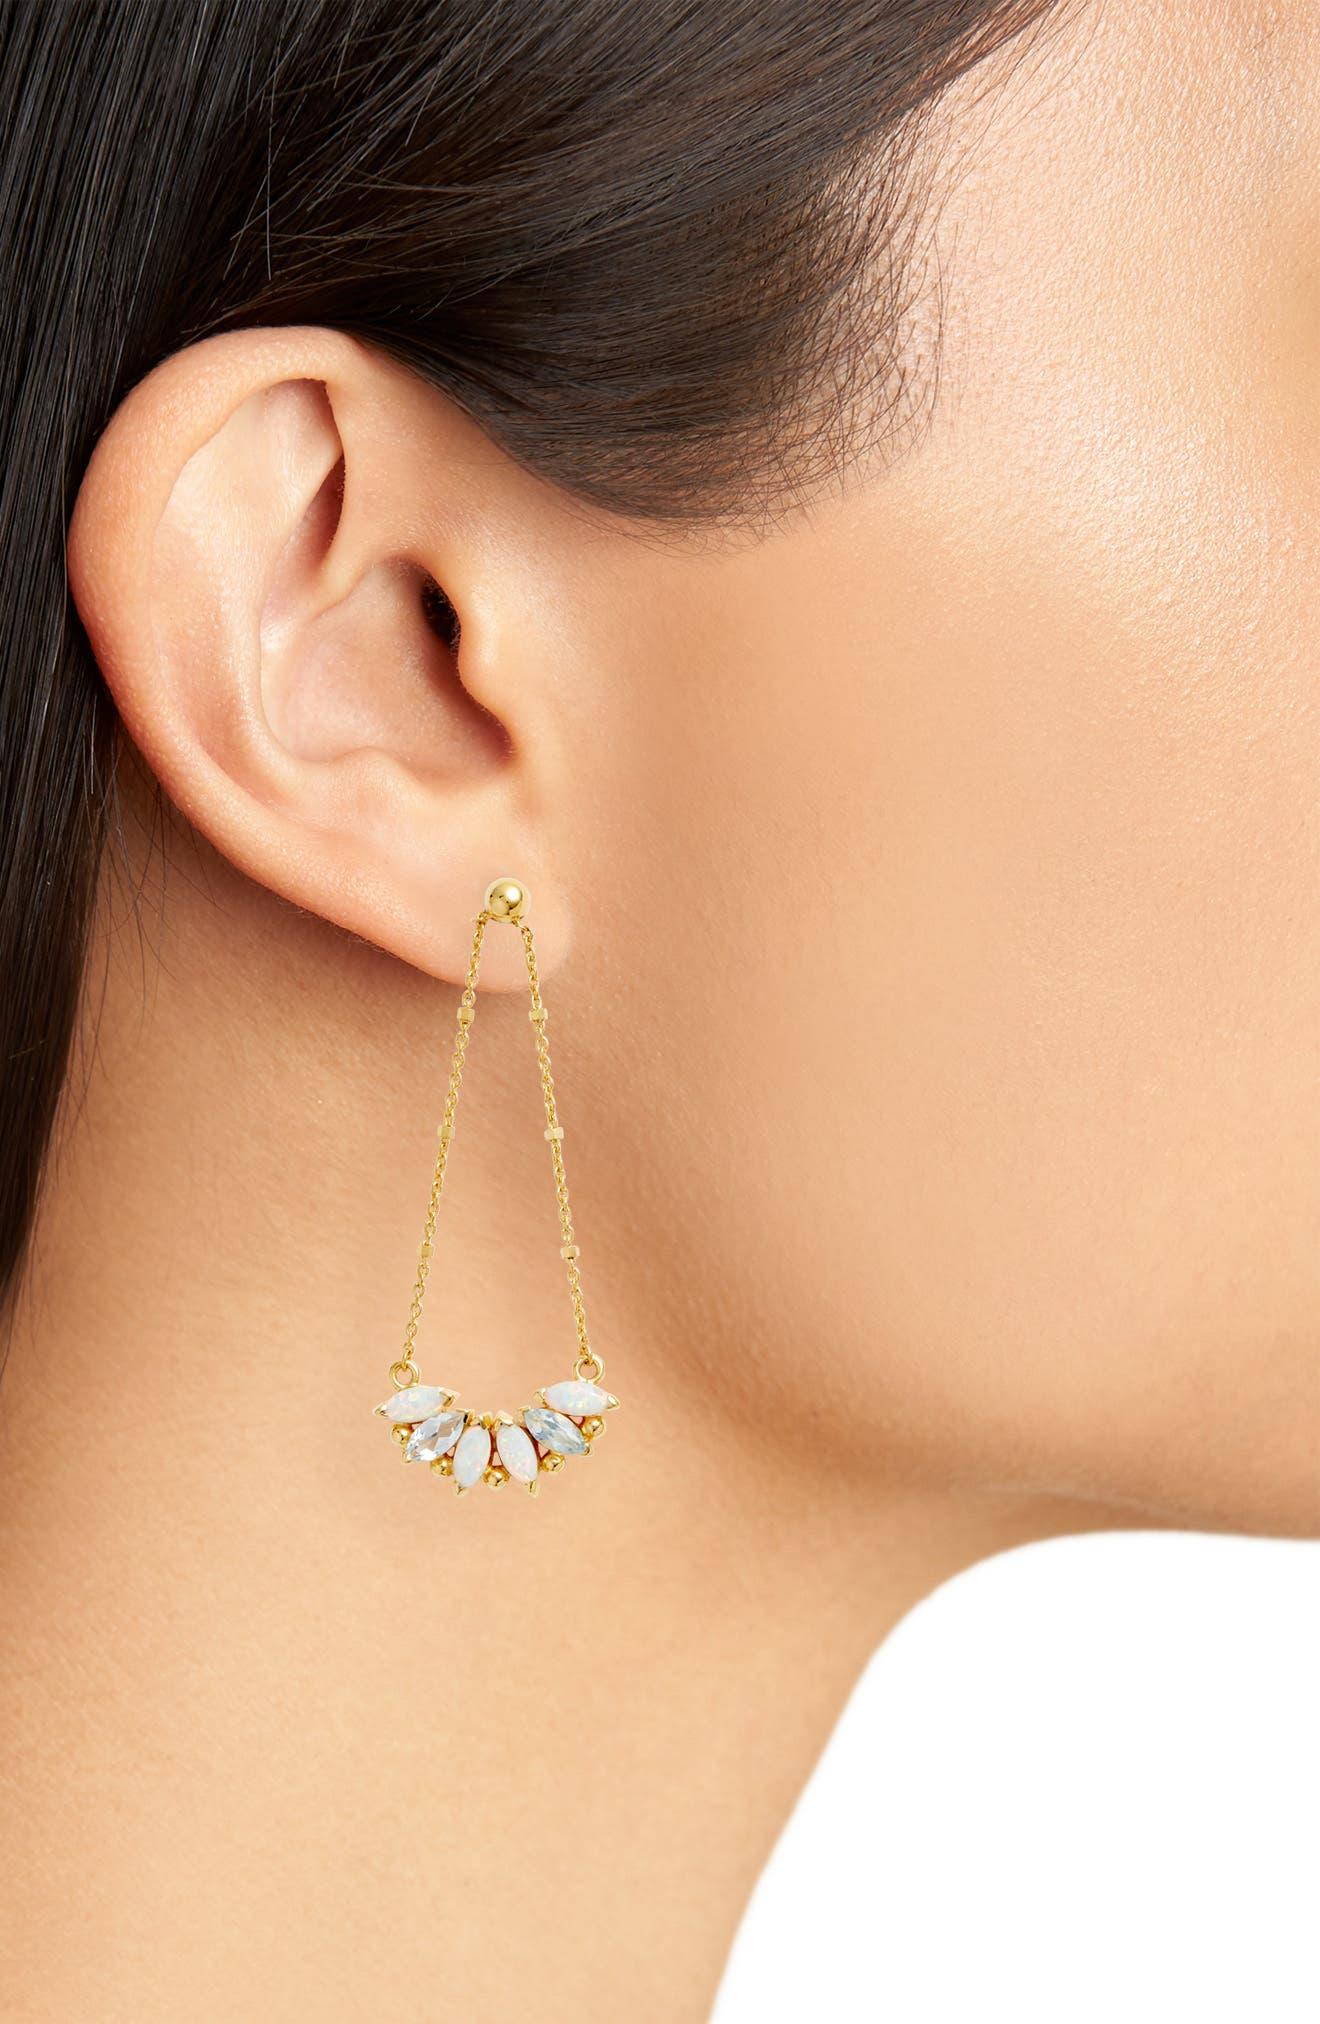 Sydney Multi-Stone Chandelier Earrings,                             Alternate thumbnail 2, color,                             Gold